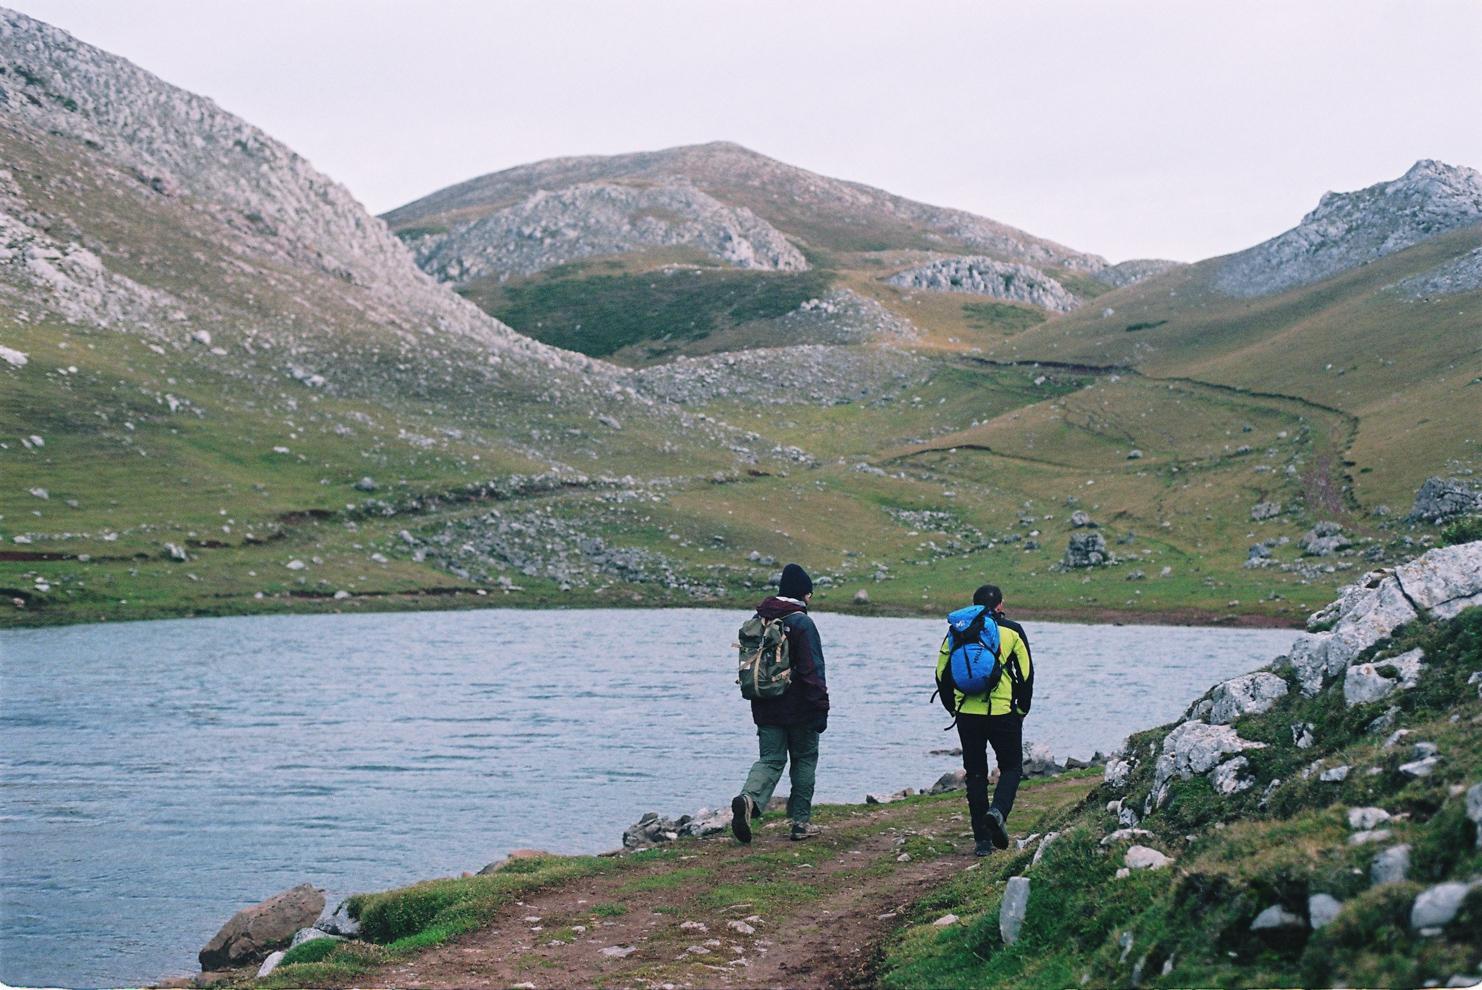 Las_Ubinas_Asturias_MonicaRGoya_copyrighted_2.jpg